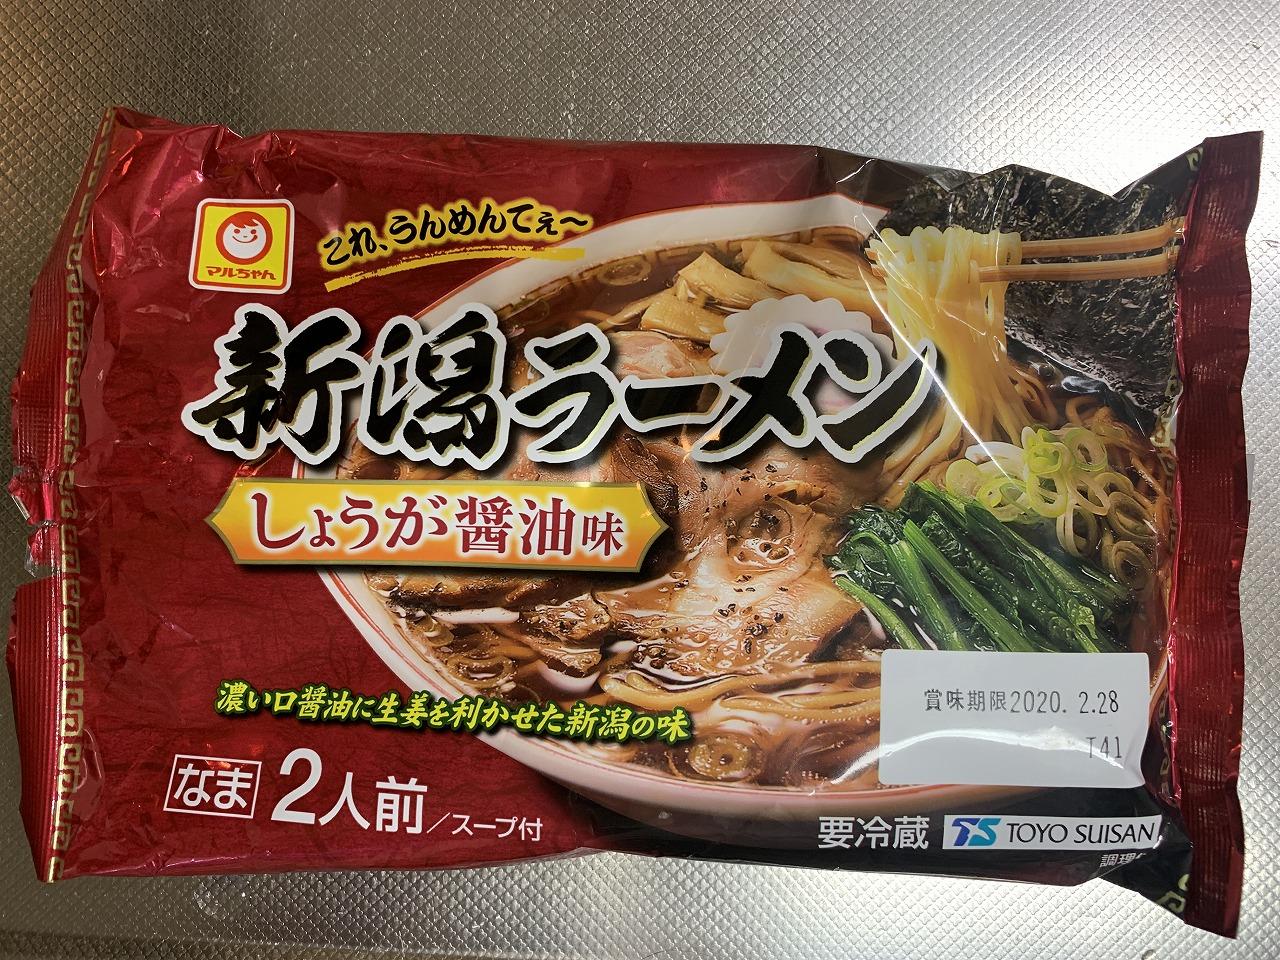 マルちゃん新潟ラーメン生姜醤油。